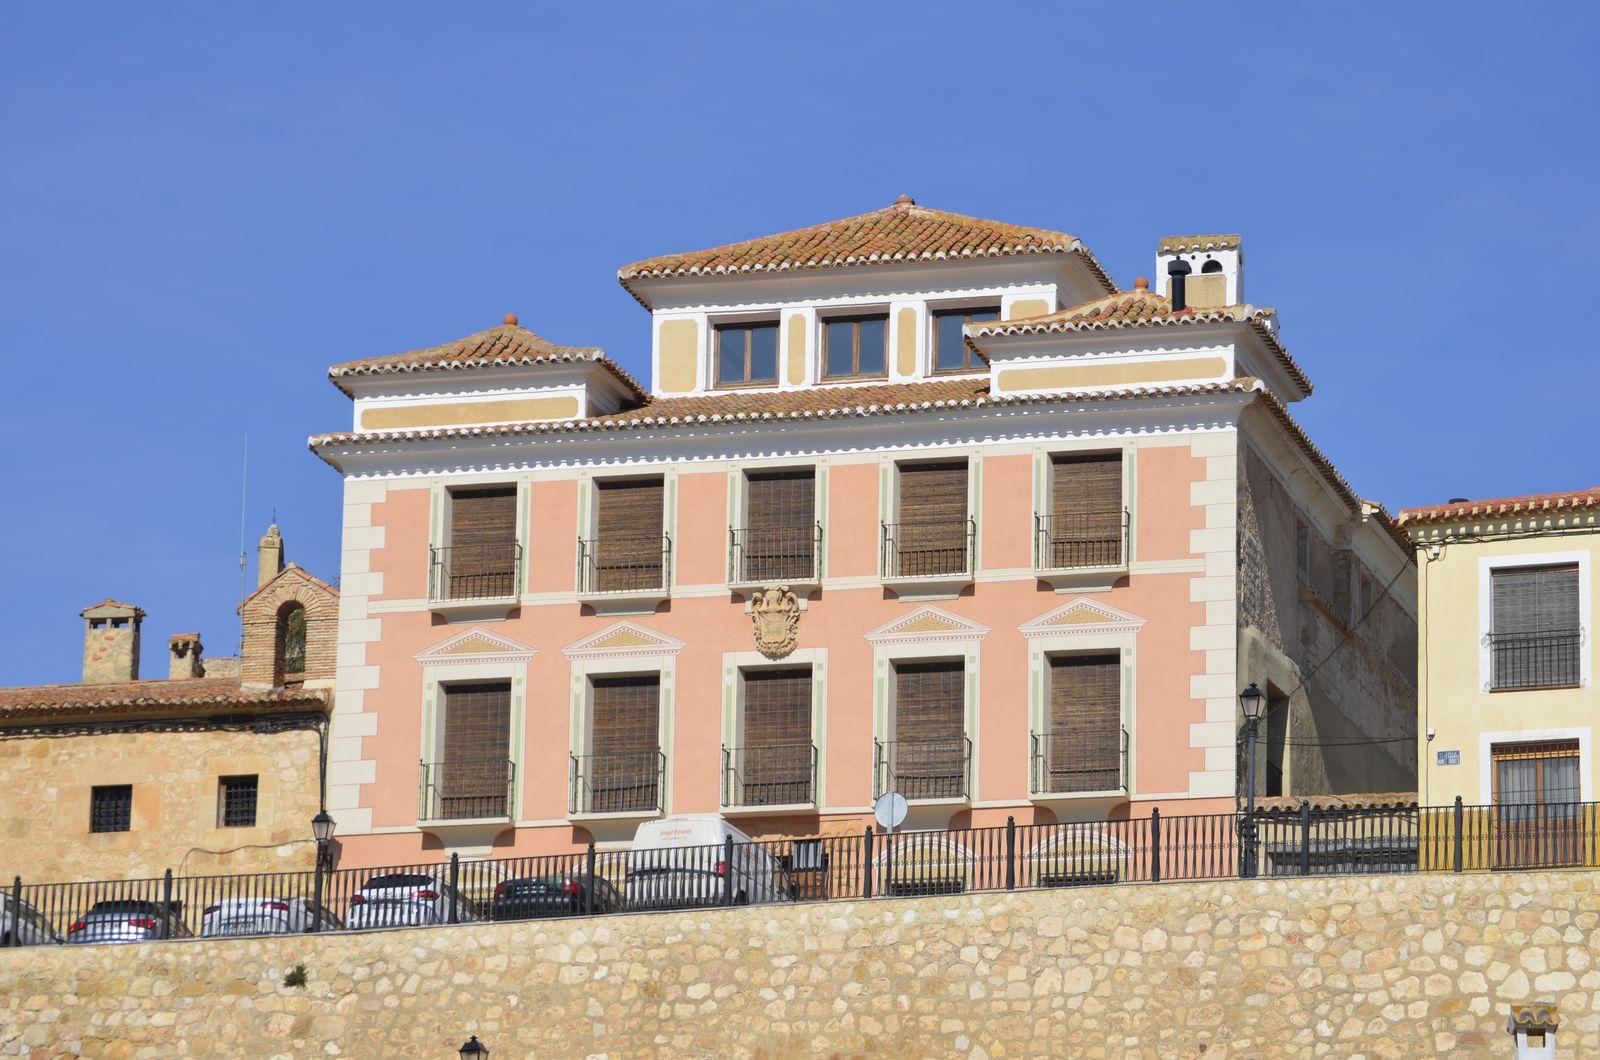 Palacio de los Robles